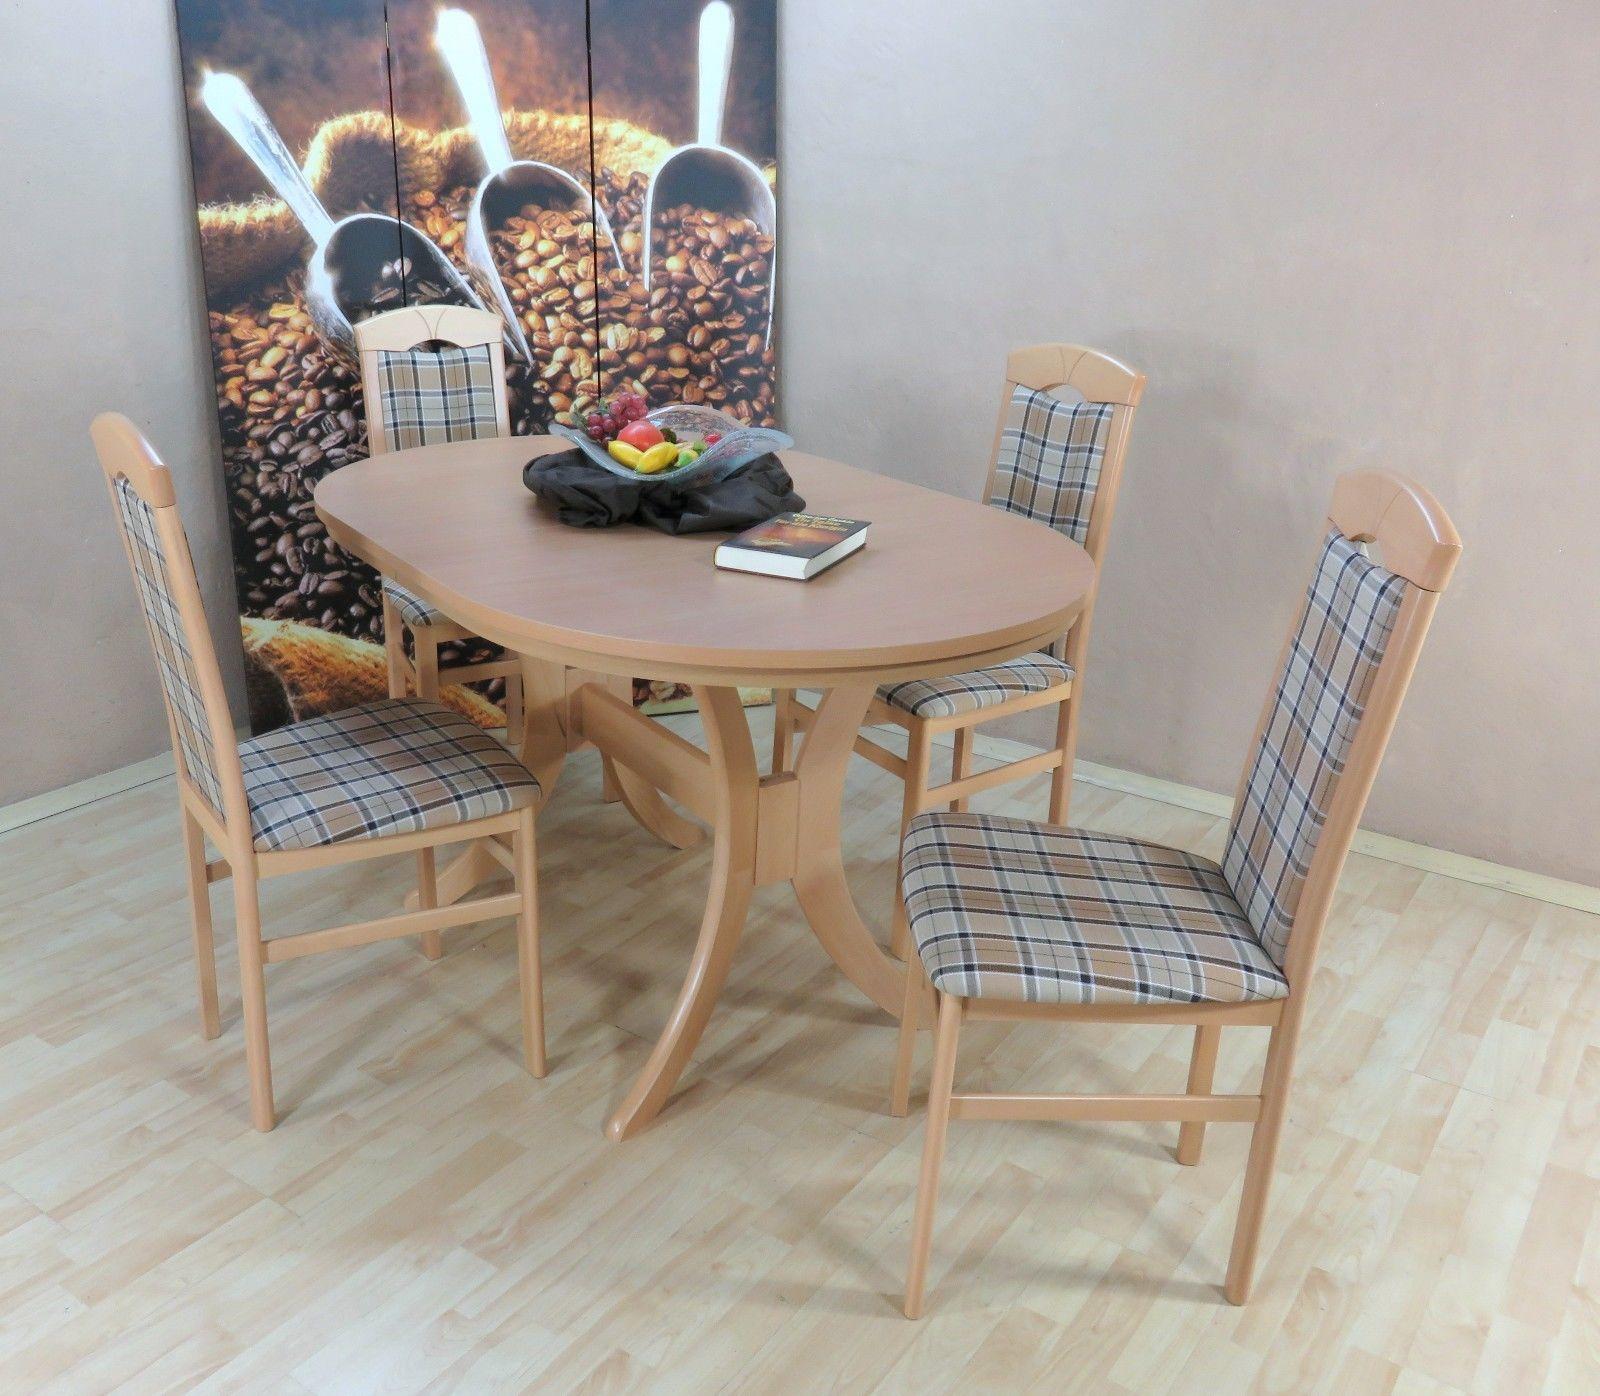 Elegant Esstisch Stühle Beige Foto Von Tischgruppe Buche Natur Braun Massiv 4 X